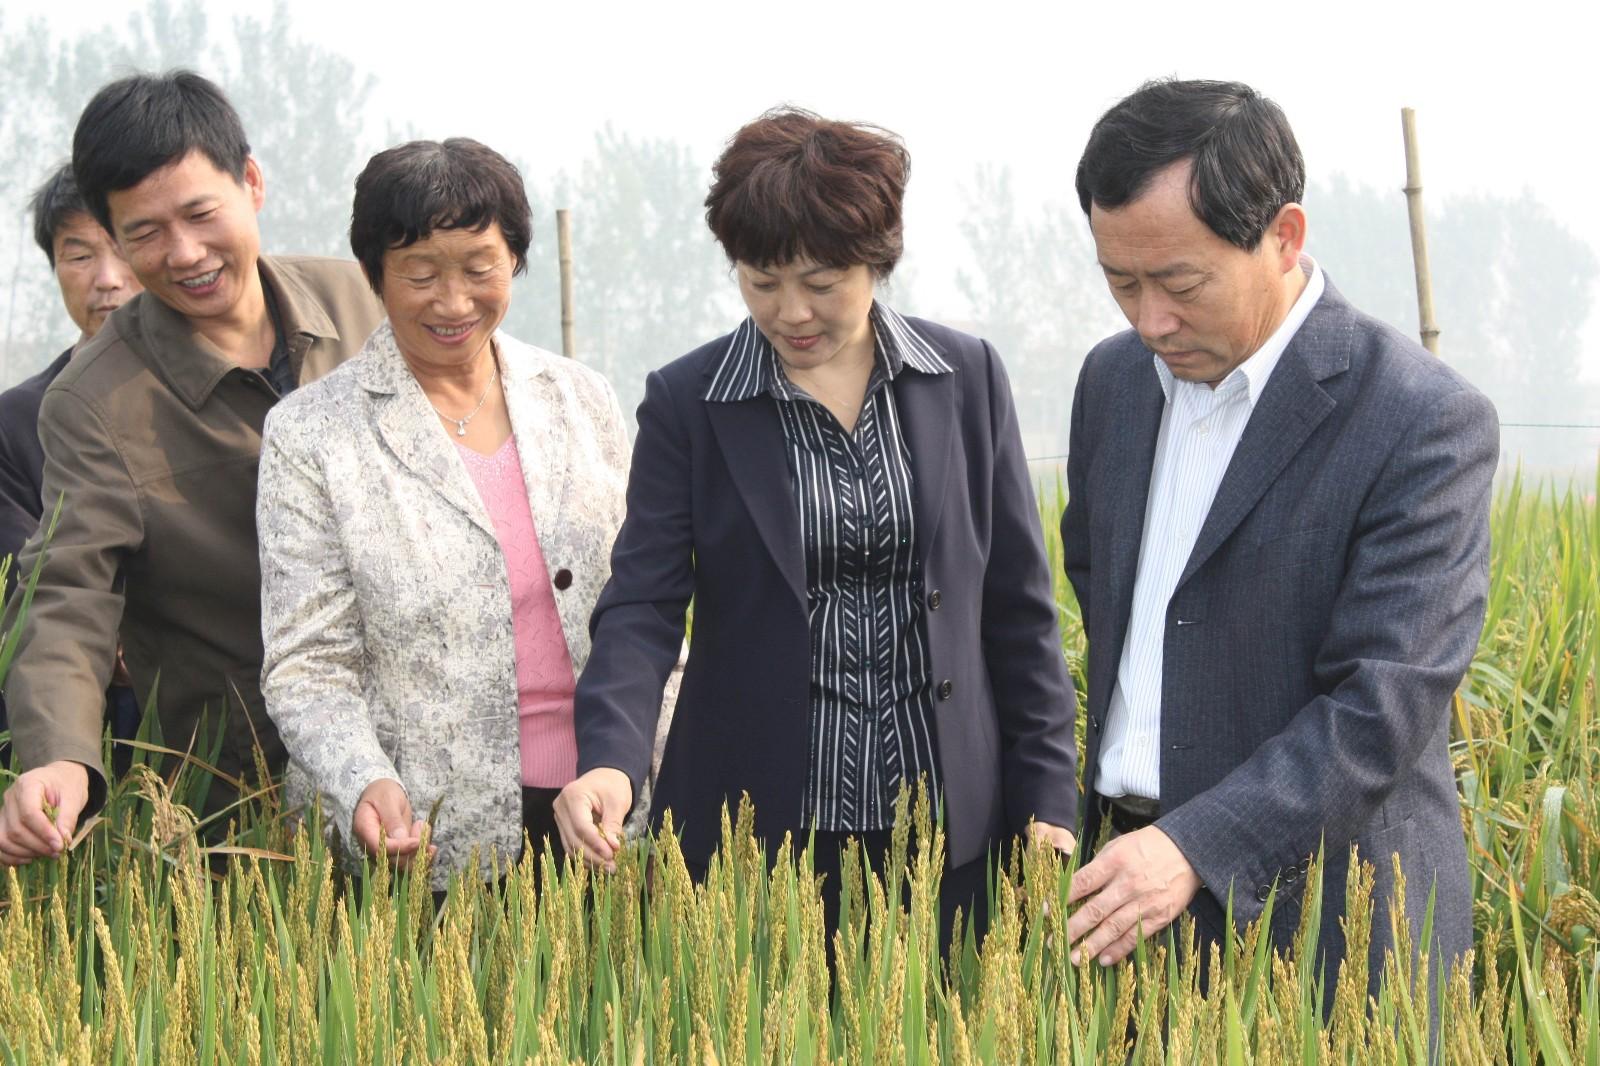 新乡市农业局局长聂聚、新乡县副县长张怡春、新乡县农业局等领导在公司试验田视察